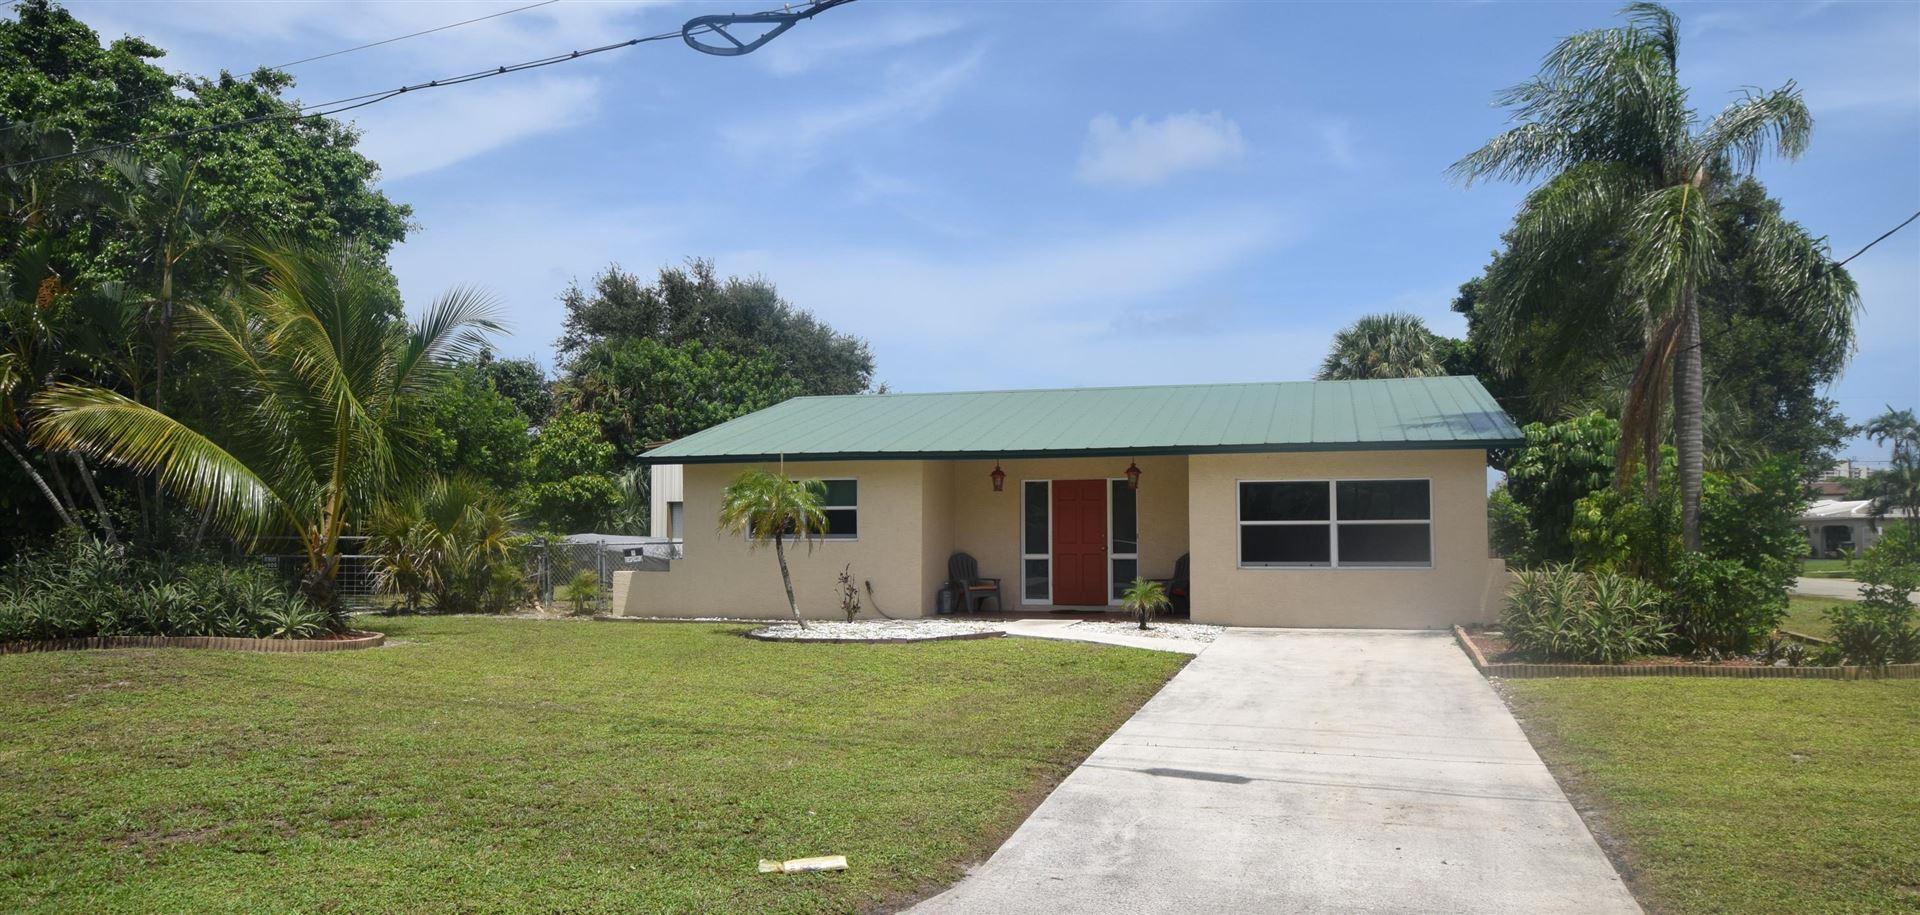 4600 NE 4th Avenue, Boca Raton, FL 33431 - #: RX-10649860